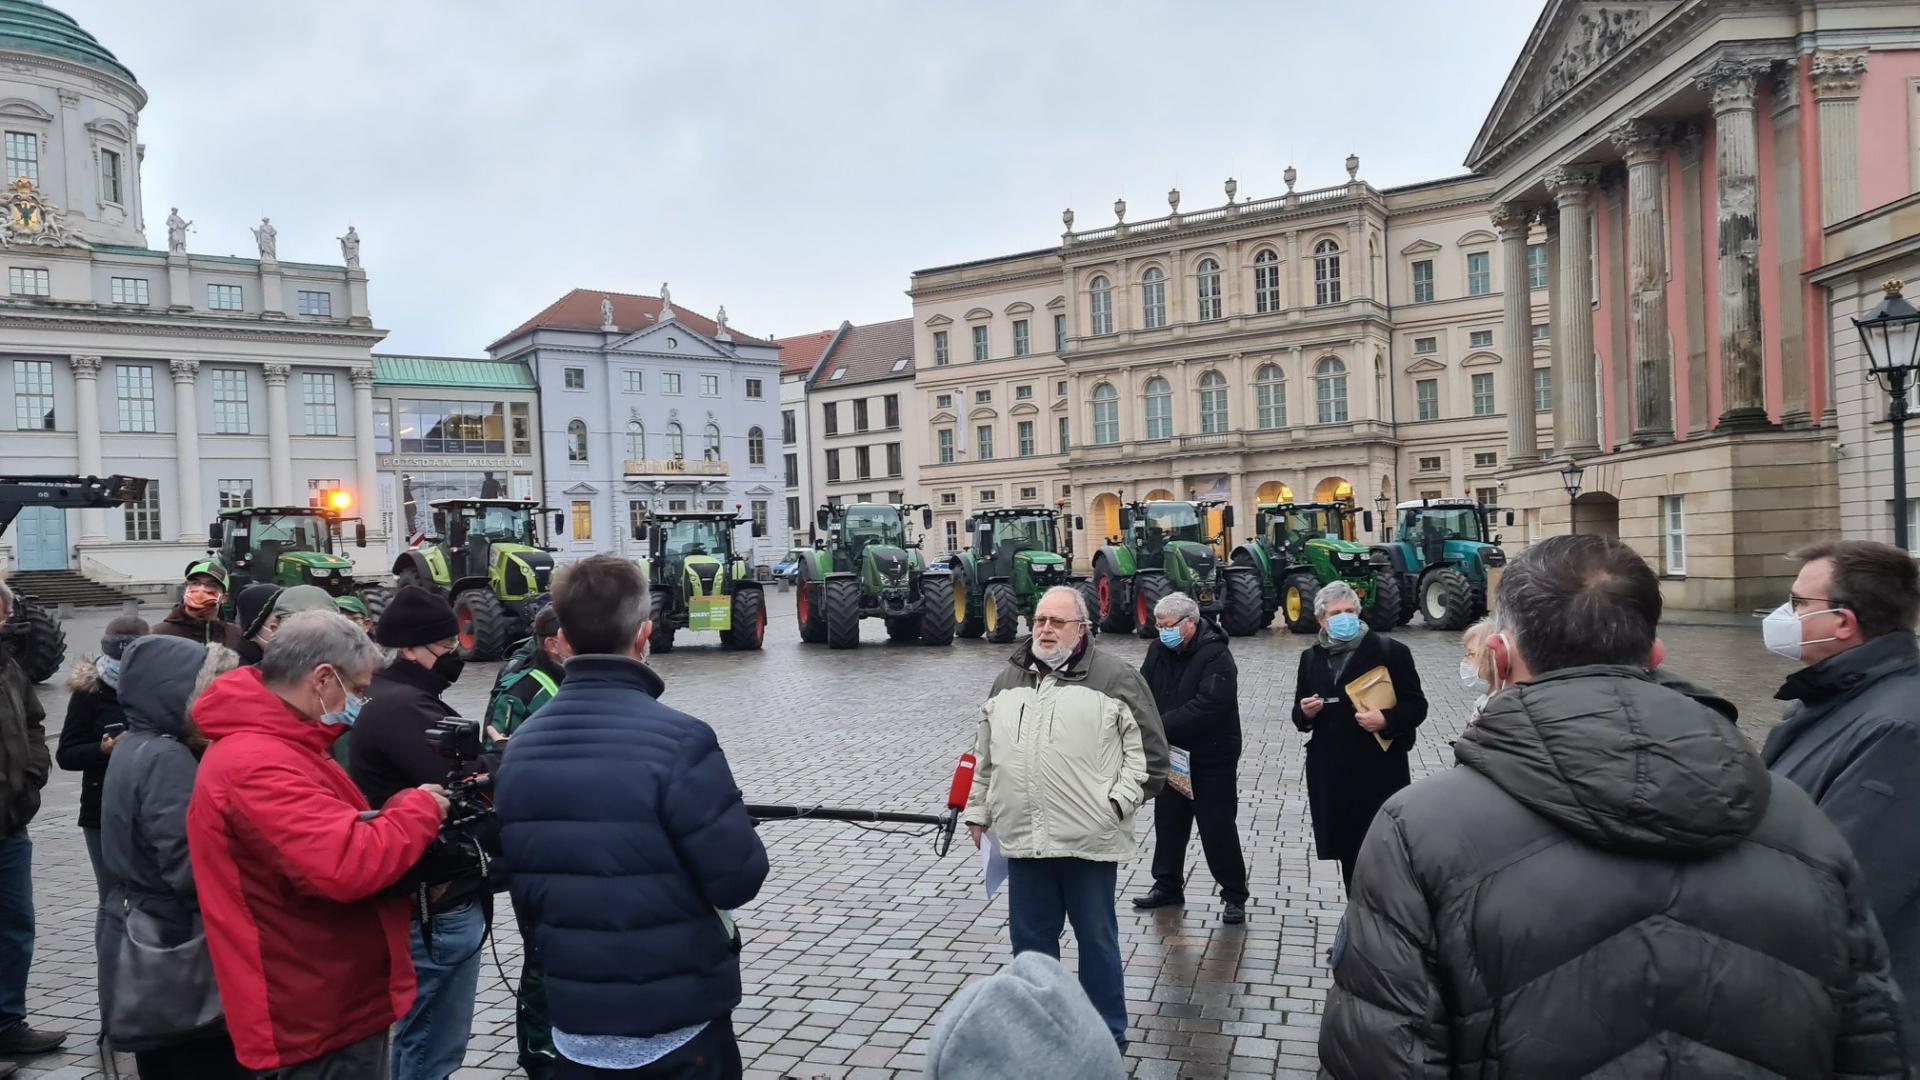 Bauern-Kundgebung vor dem Potsdamer Landtag